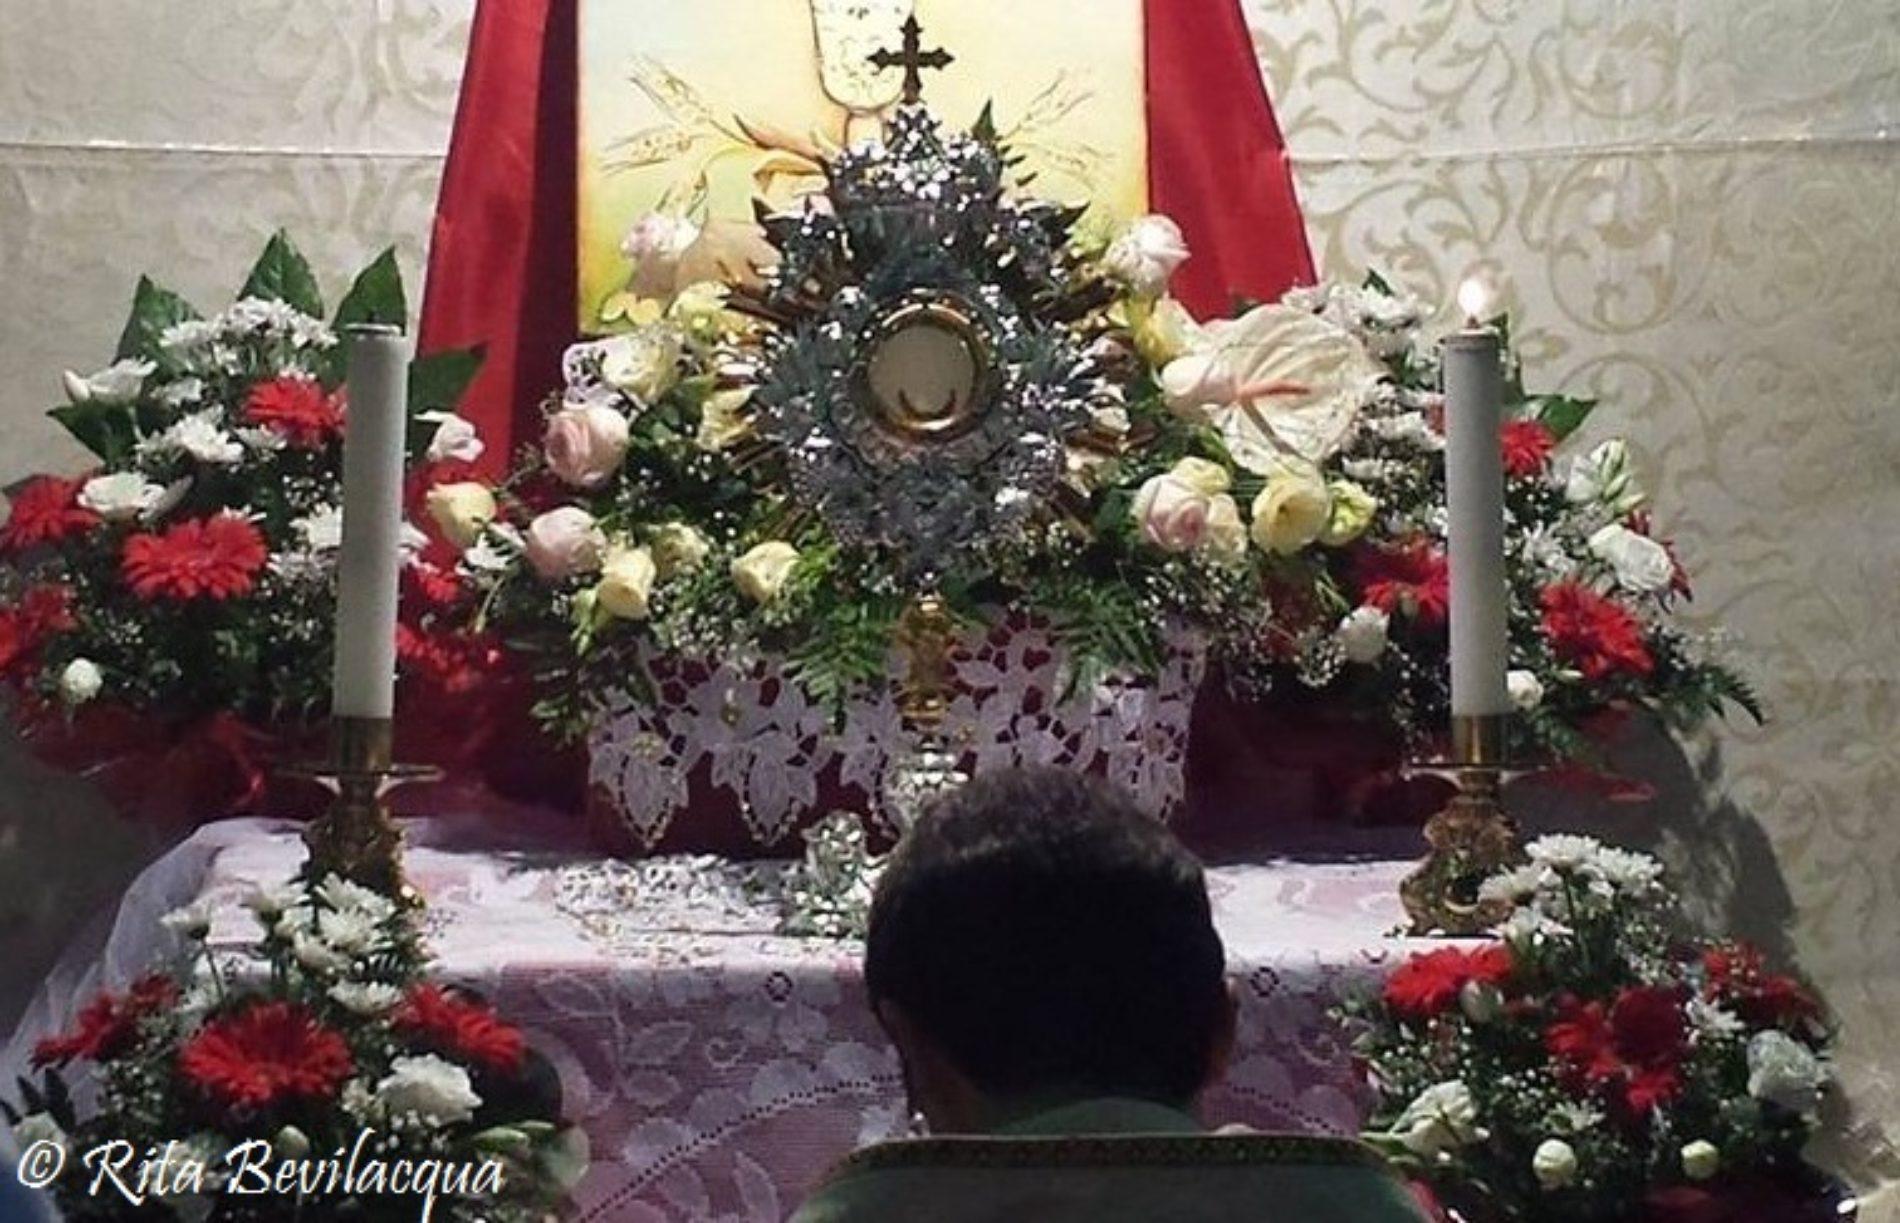 La festa del Corpus Domini